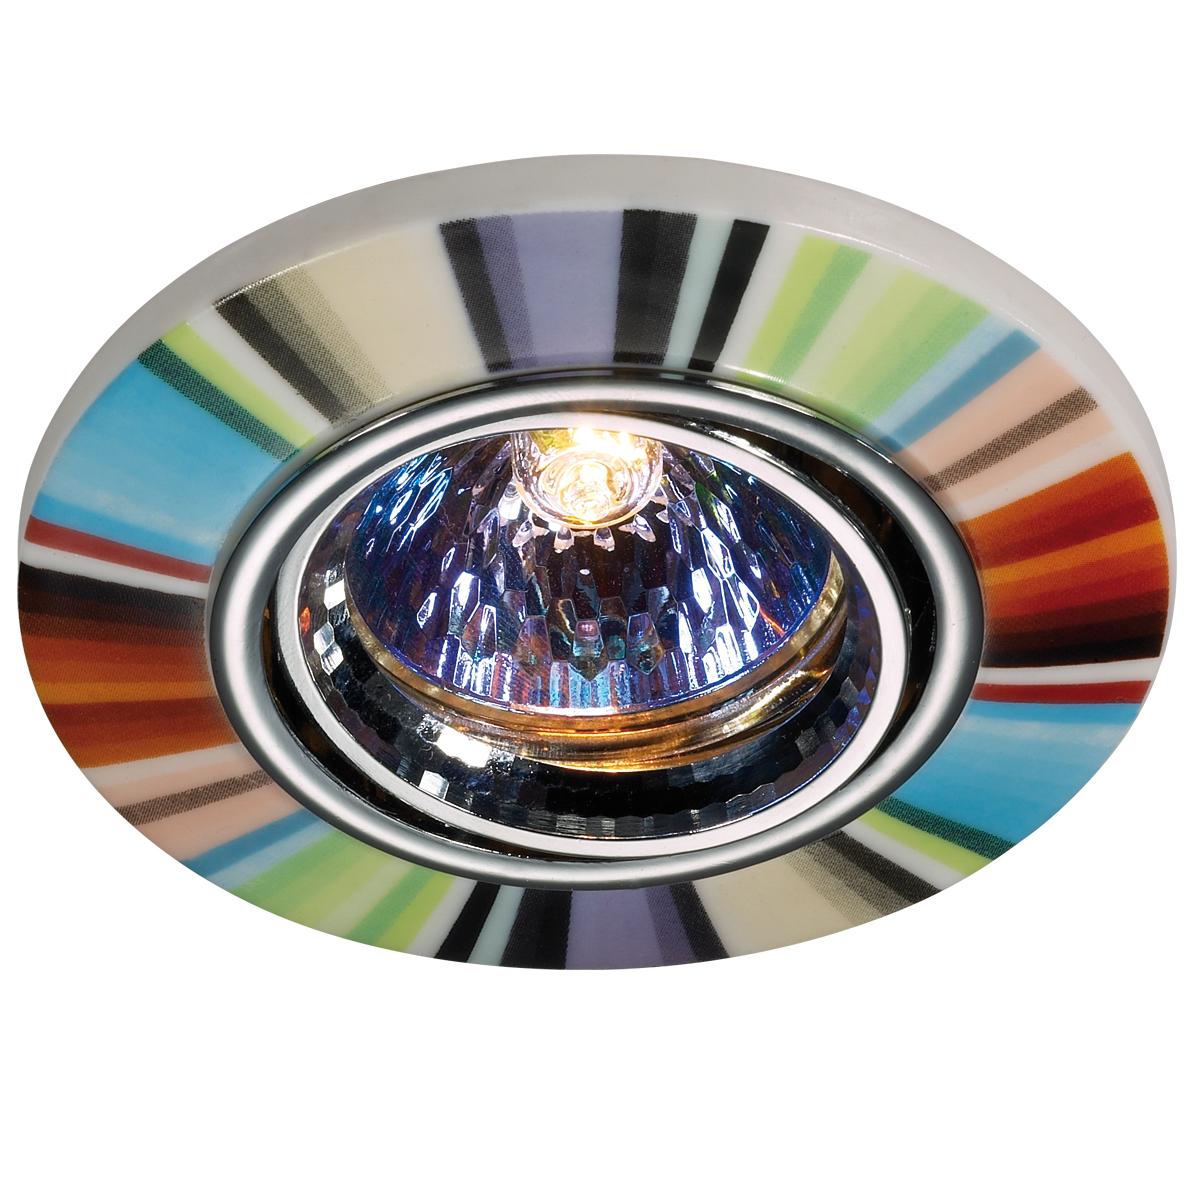 Светильник встраиваемый Novotech Ceramic nt11 125 369552 novotech ceramic 369552